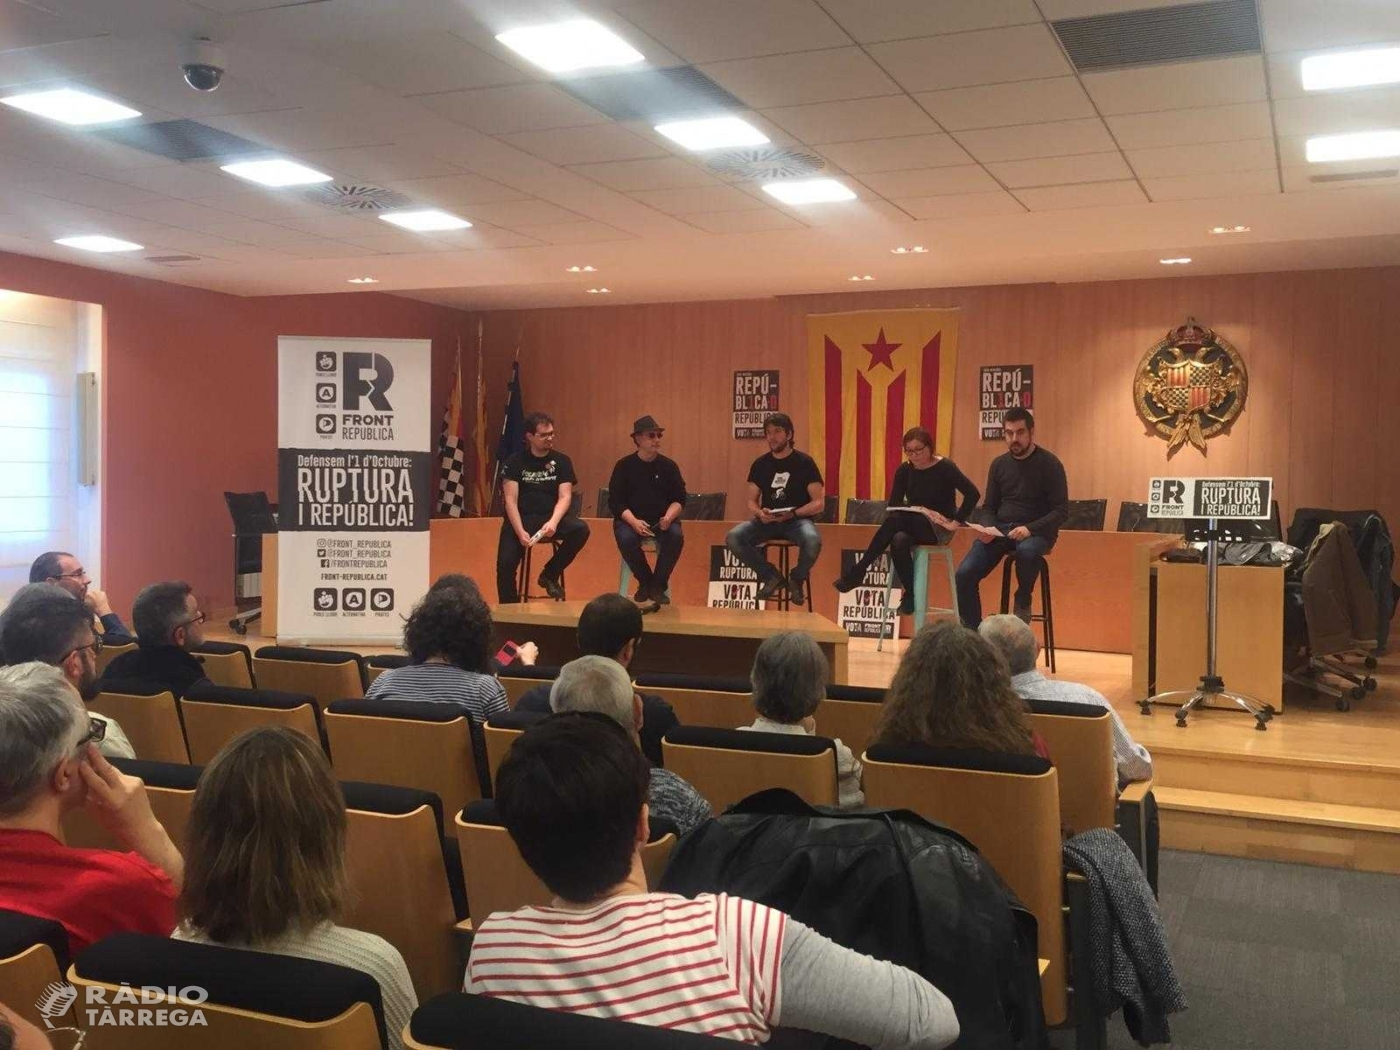 Front Republicà inicia la campanya electoral a Tàrrega